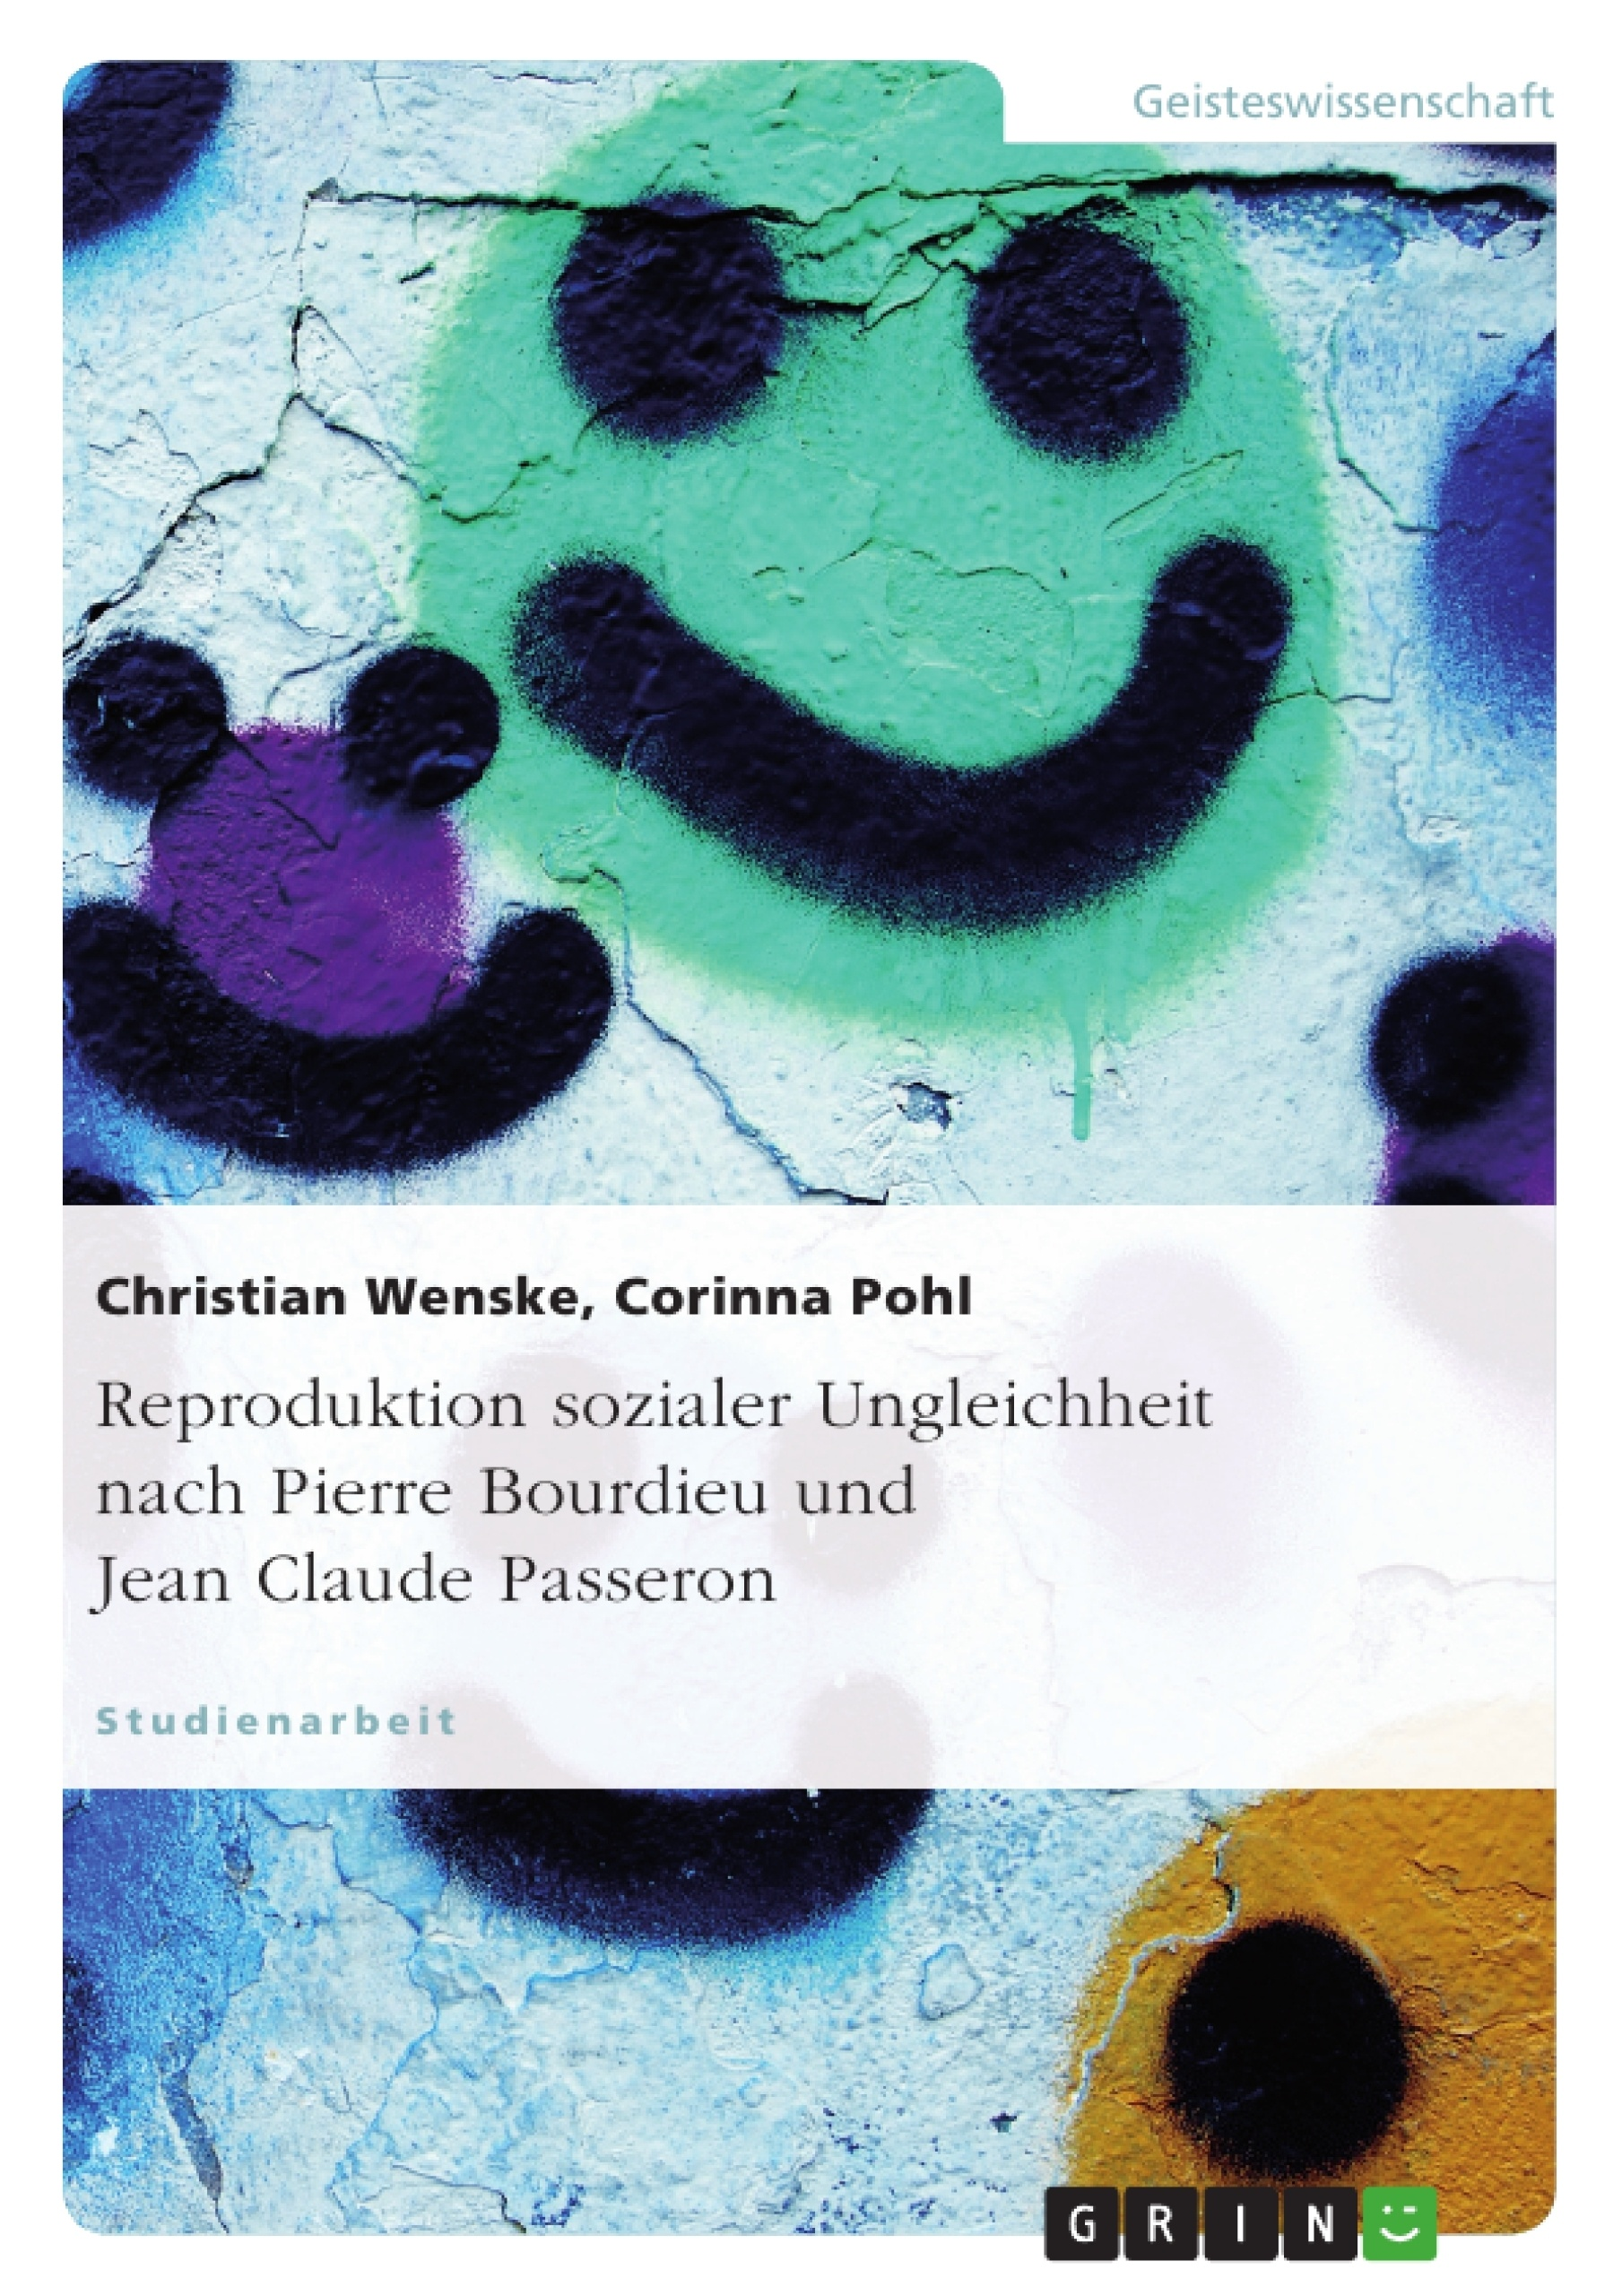 Titel: Reproduktion sozialer Ungleichheit nach Pierre Bourdieu und Jean Claude Passeron